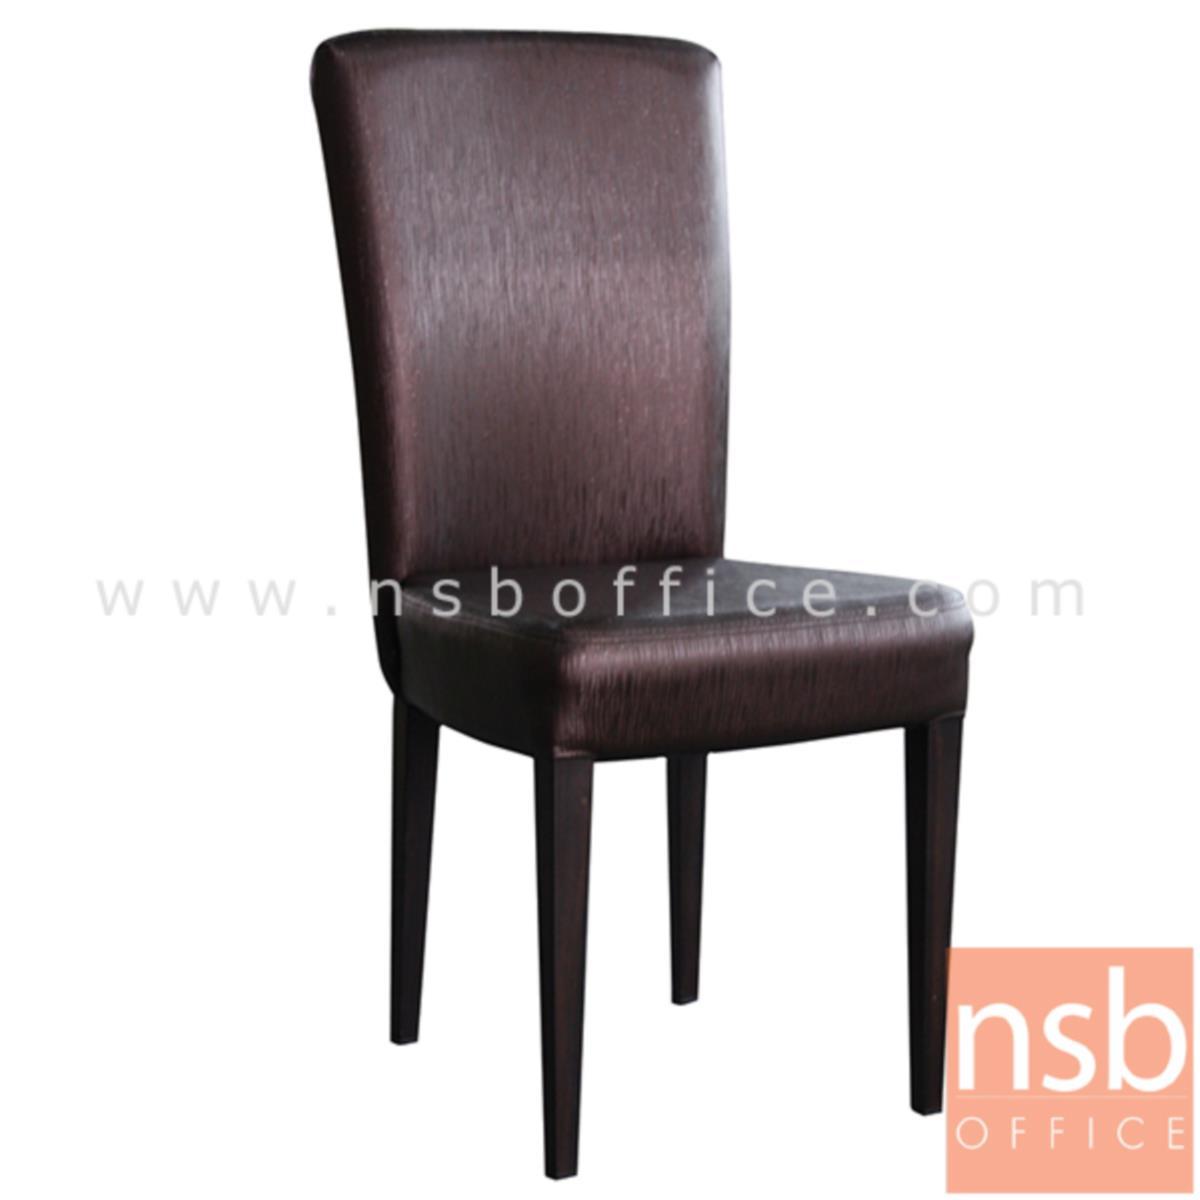 เก้าอี้เหล็กหุ้มด้วยหนัง PU รุ่น Chadwick (แชดวิก) ขาเหล็กพ่นสีไม้จริง